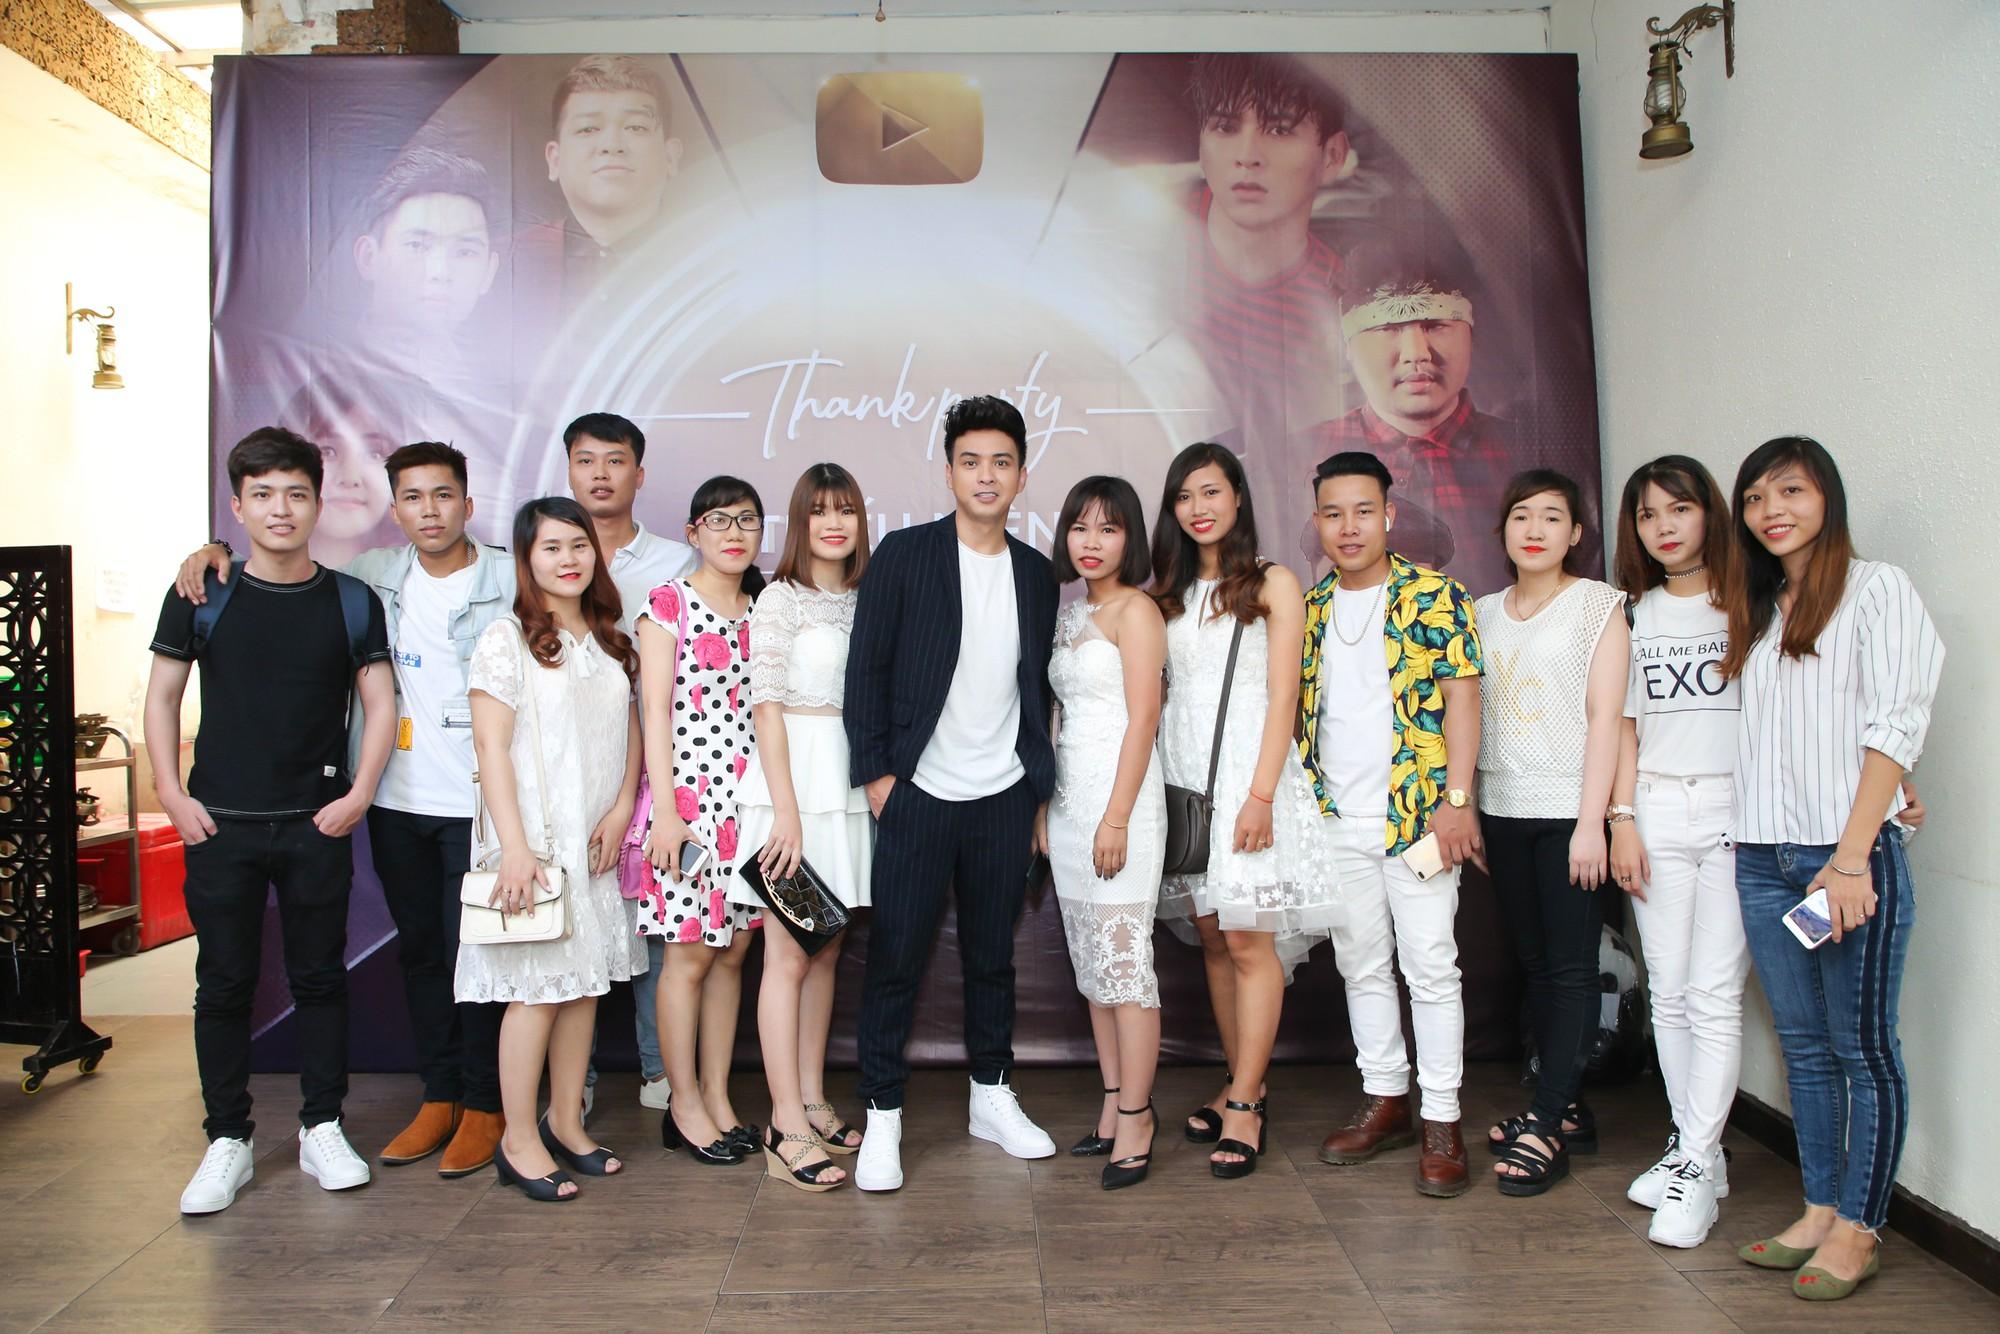 Làm giang hồ sau khi chia tay Bảo Anh, Hồ Quang Hiếu nhận ngay nút vàng YouTube - Ảnh 3.